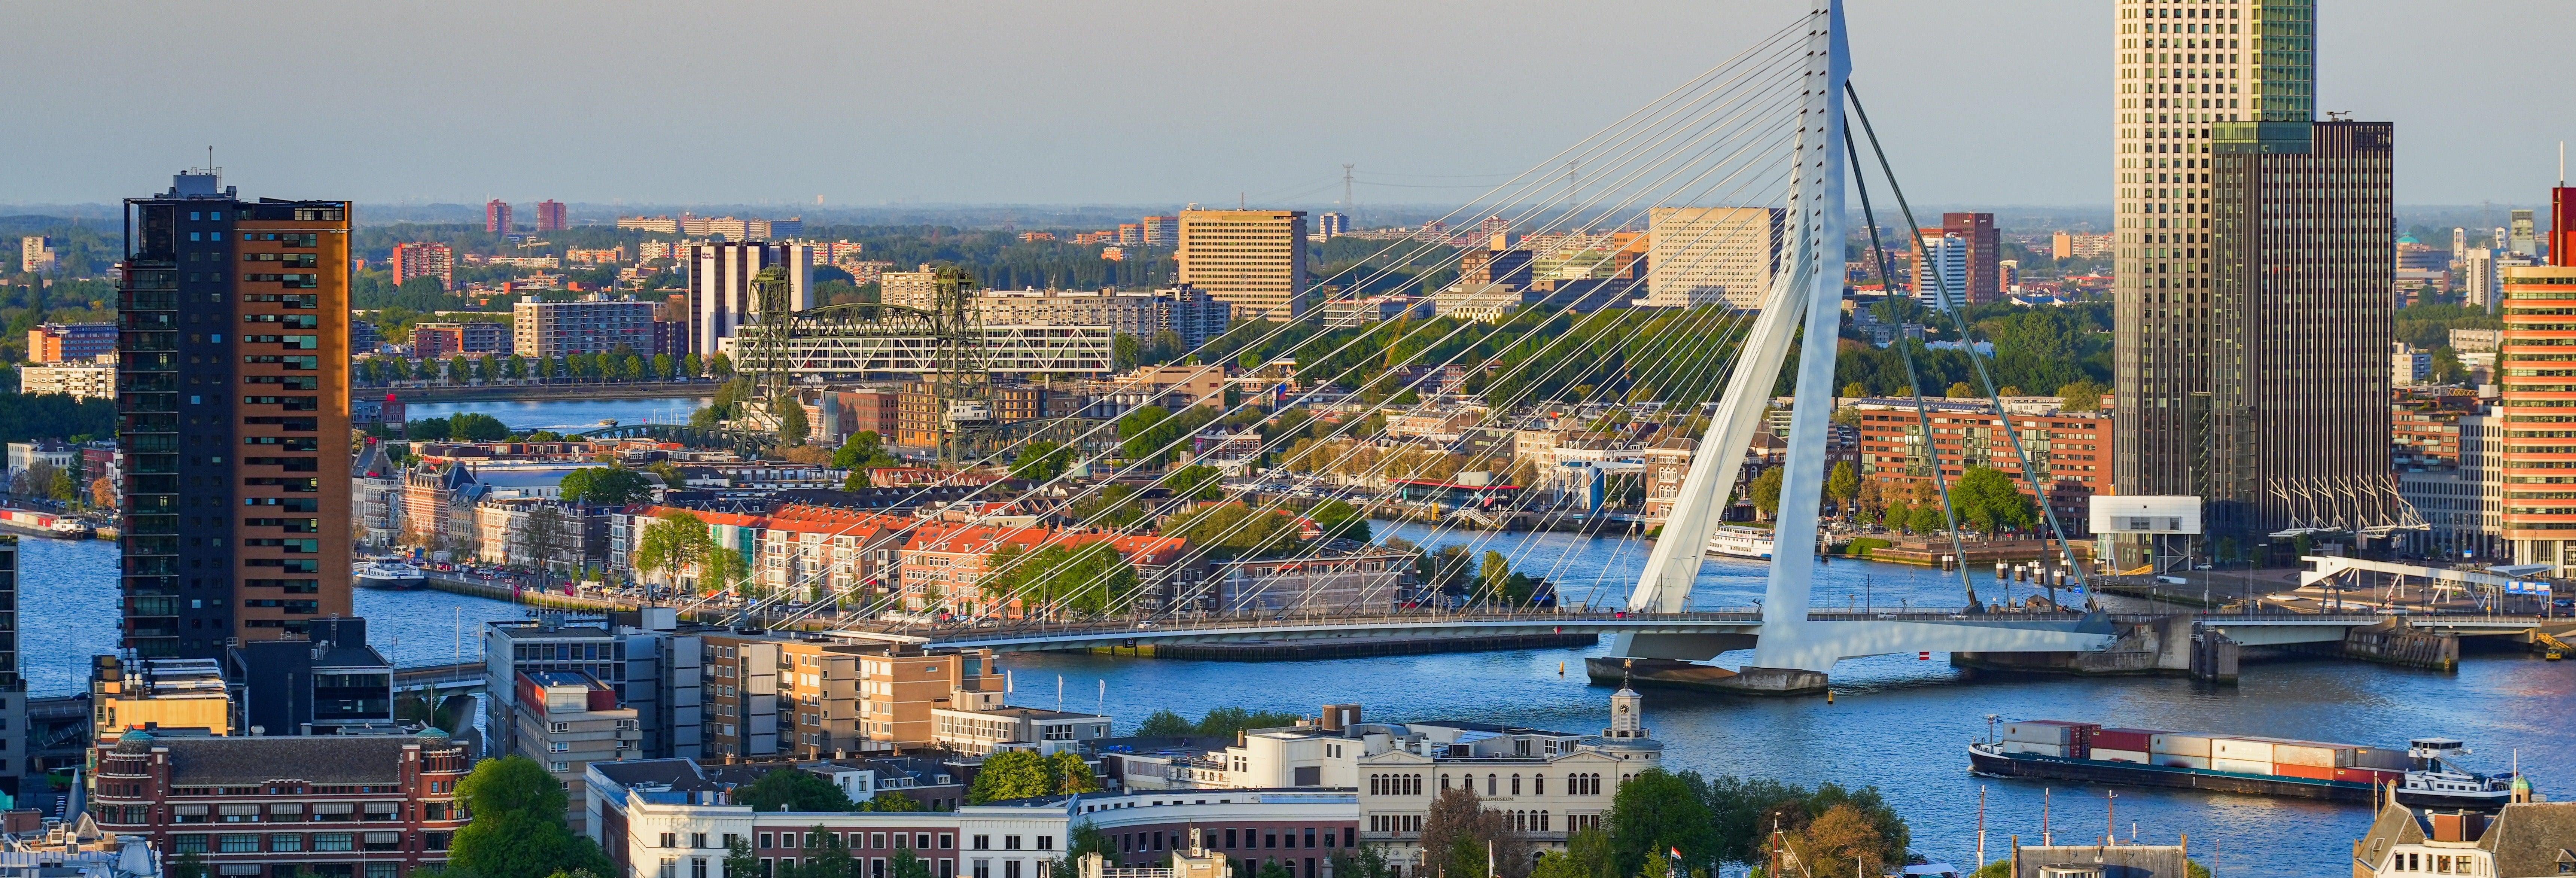 Giro in barca nel porto di Rotterdam